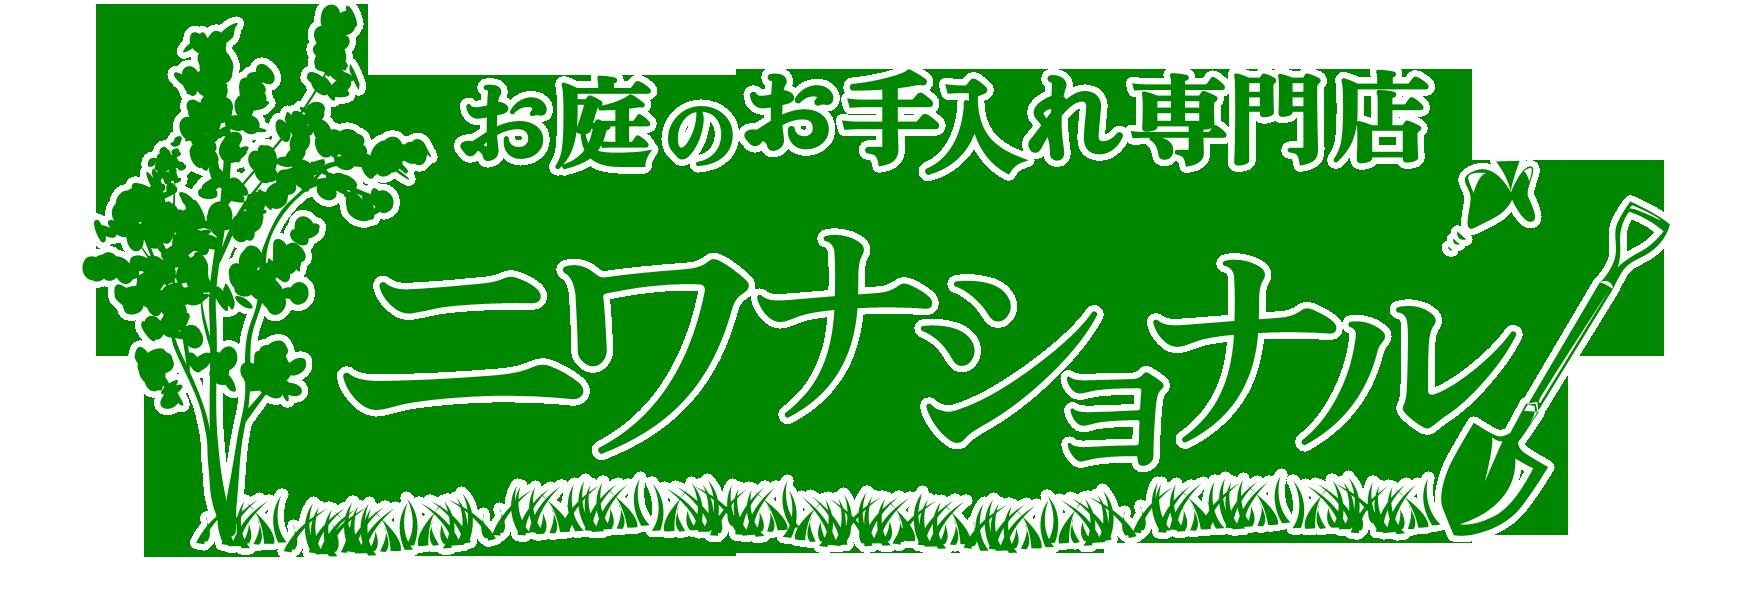 お庭のお手入れ専門店 埼玉 東京 関東